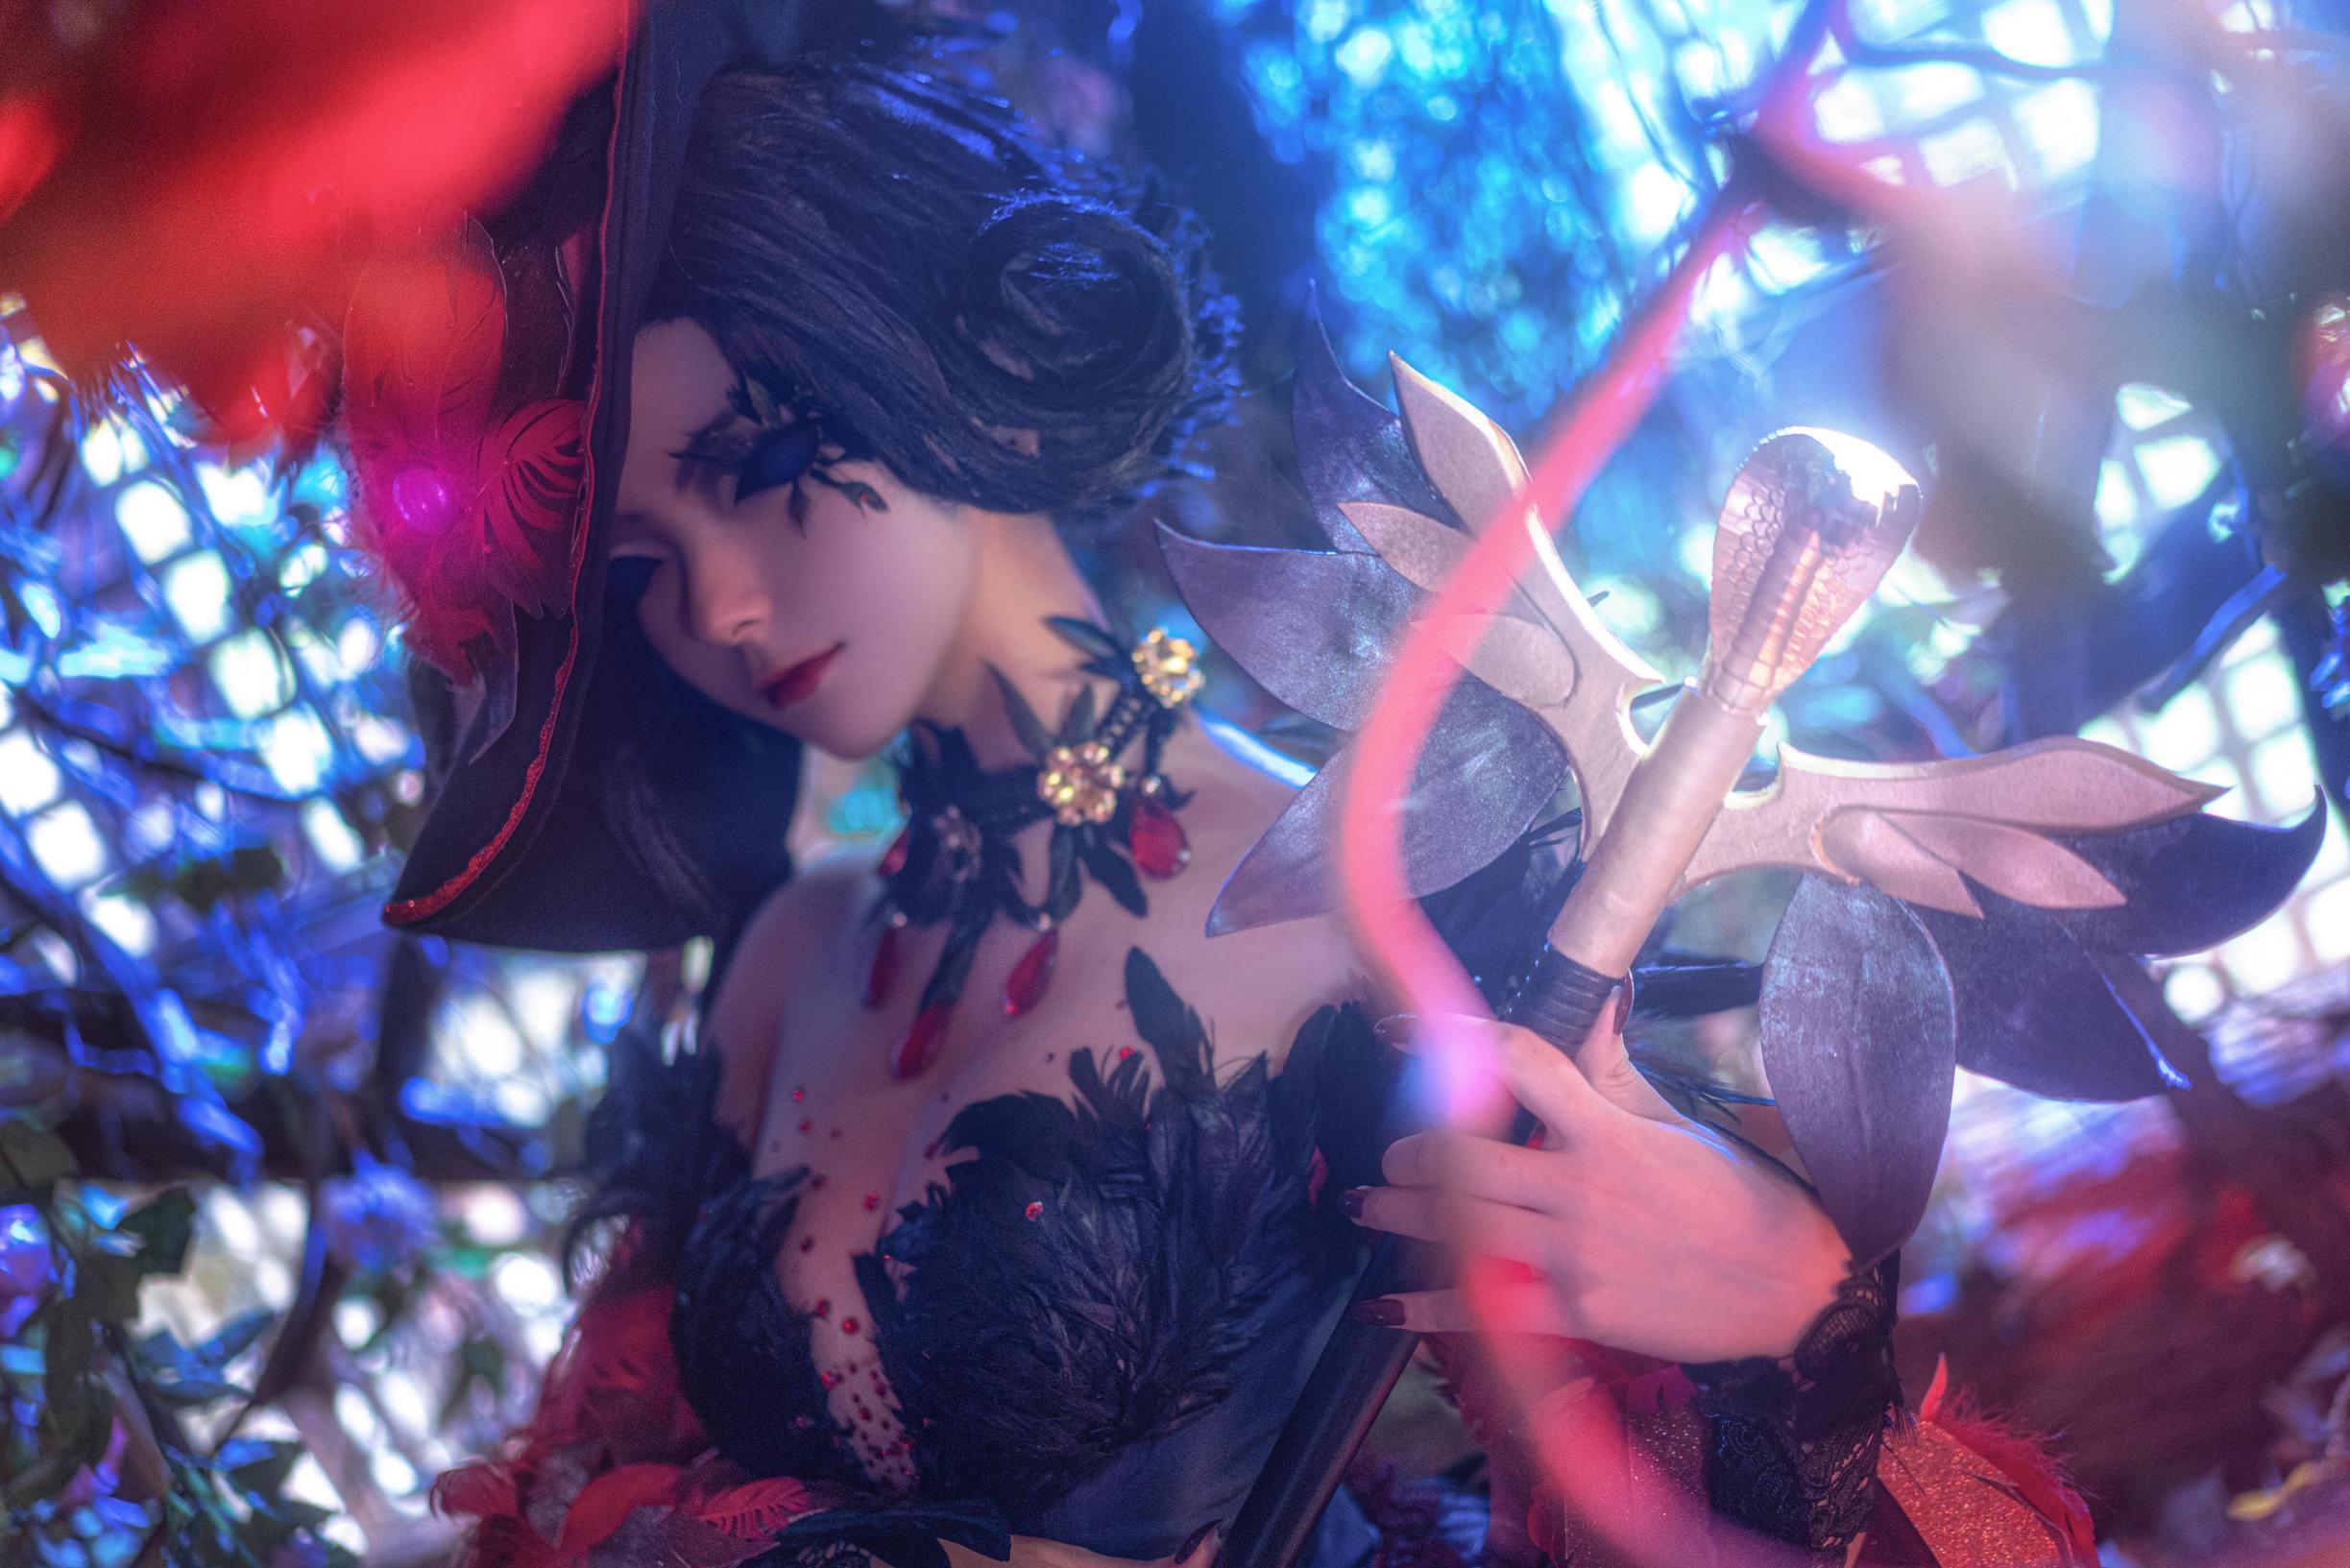 《第五人格》正片cosplay【CN:此时一把靓伞飞过】 -孙悟空的cosplay图片插图